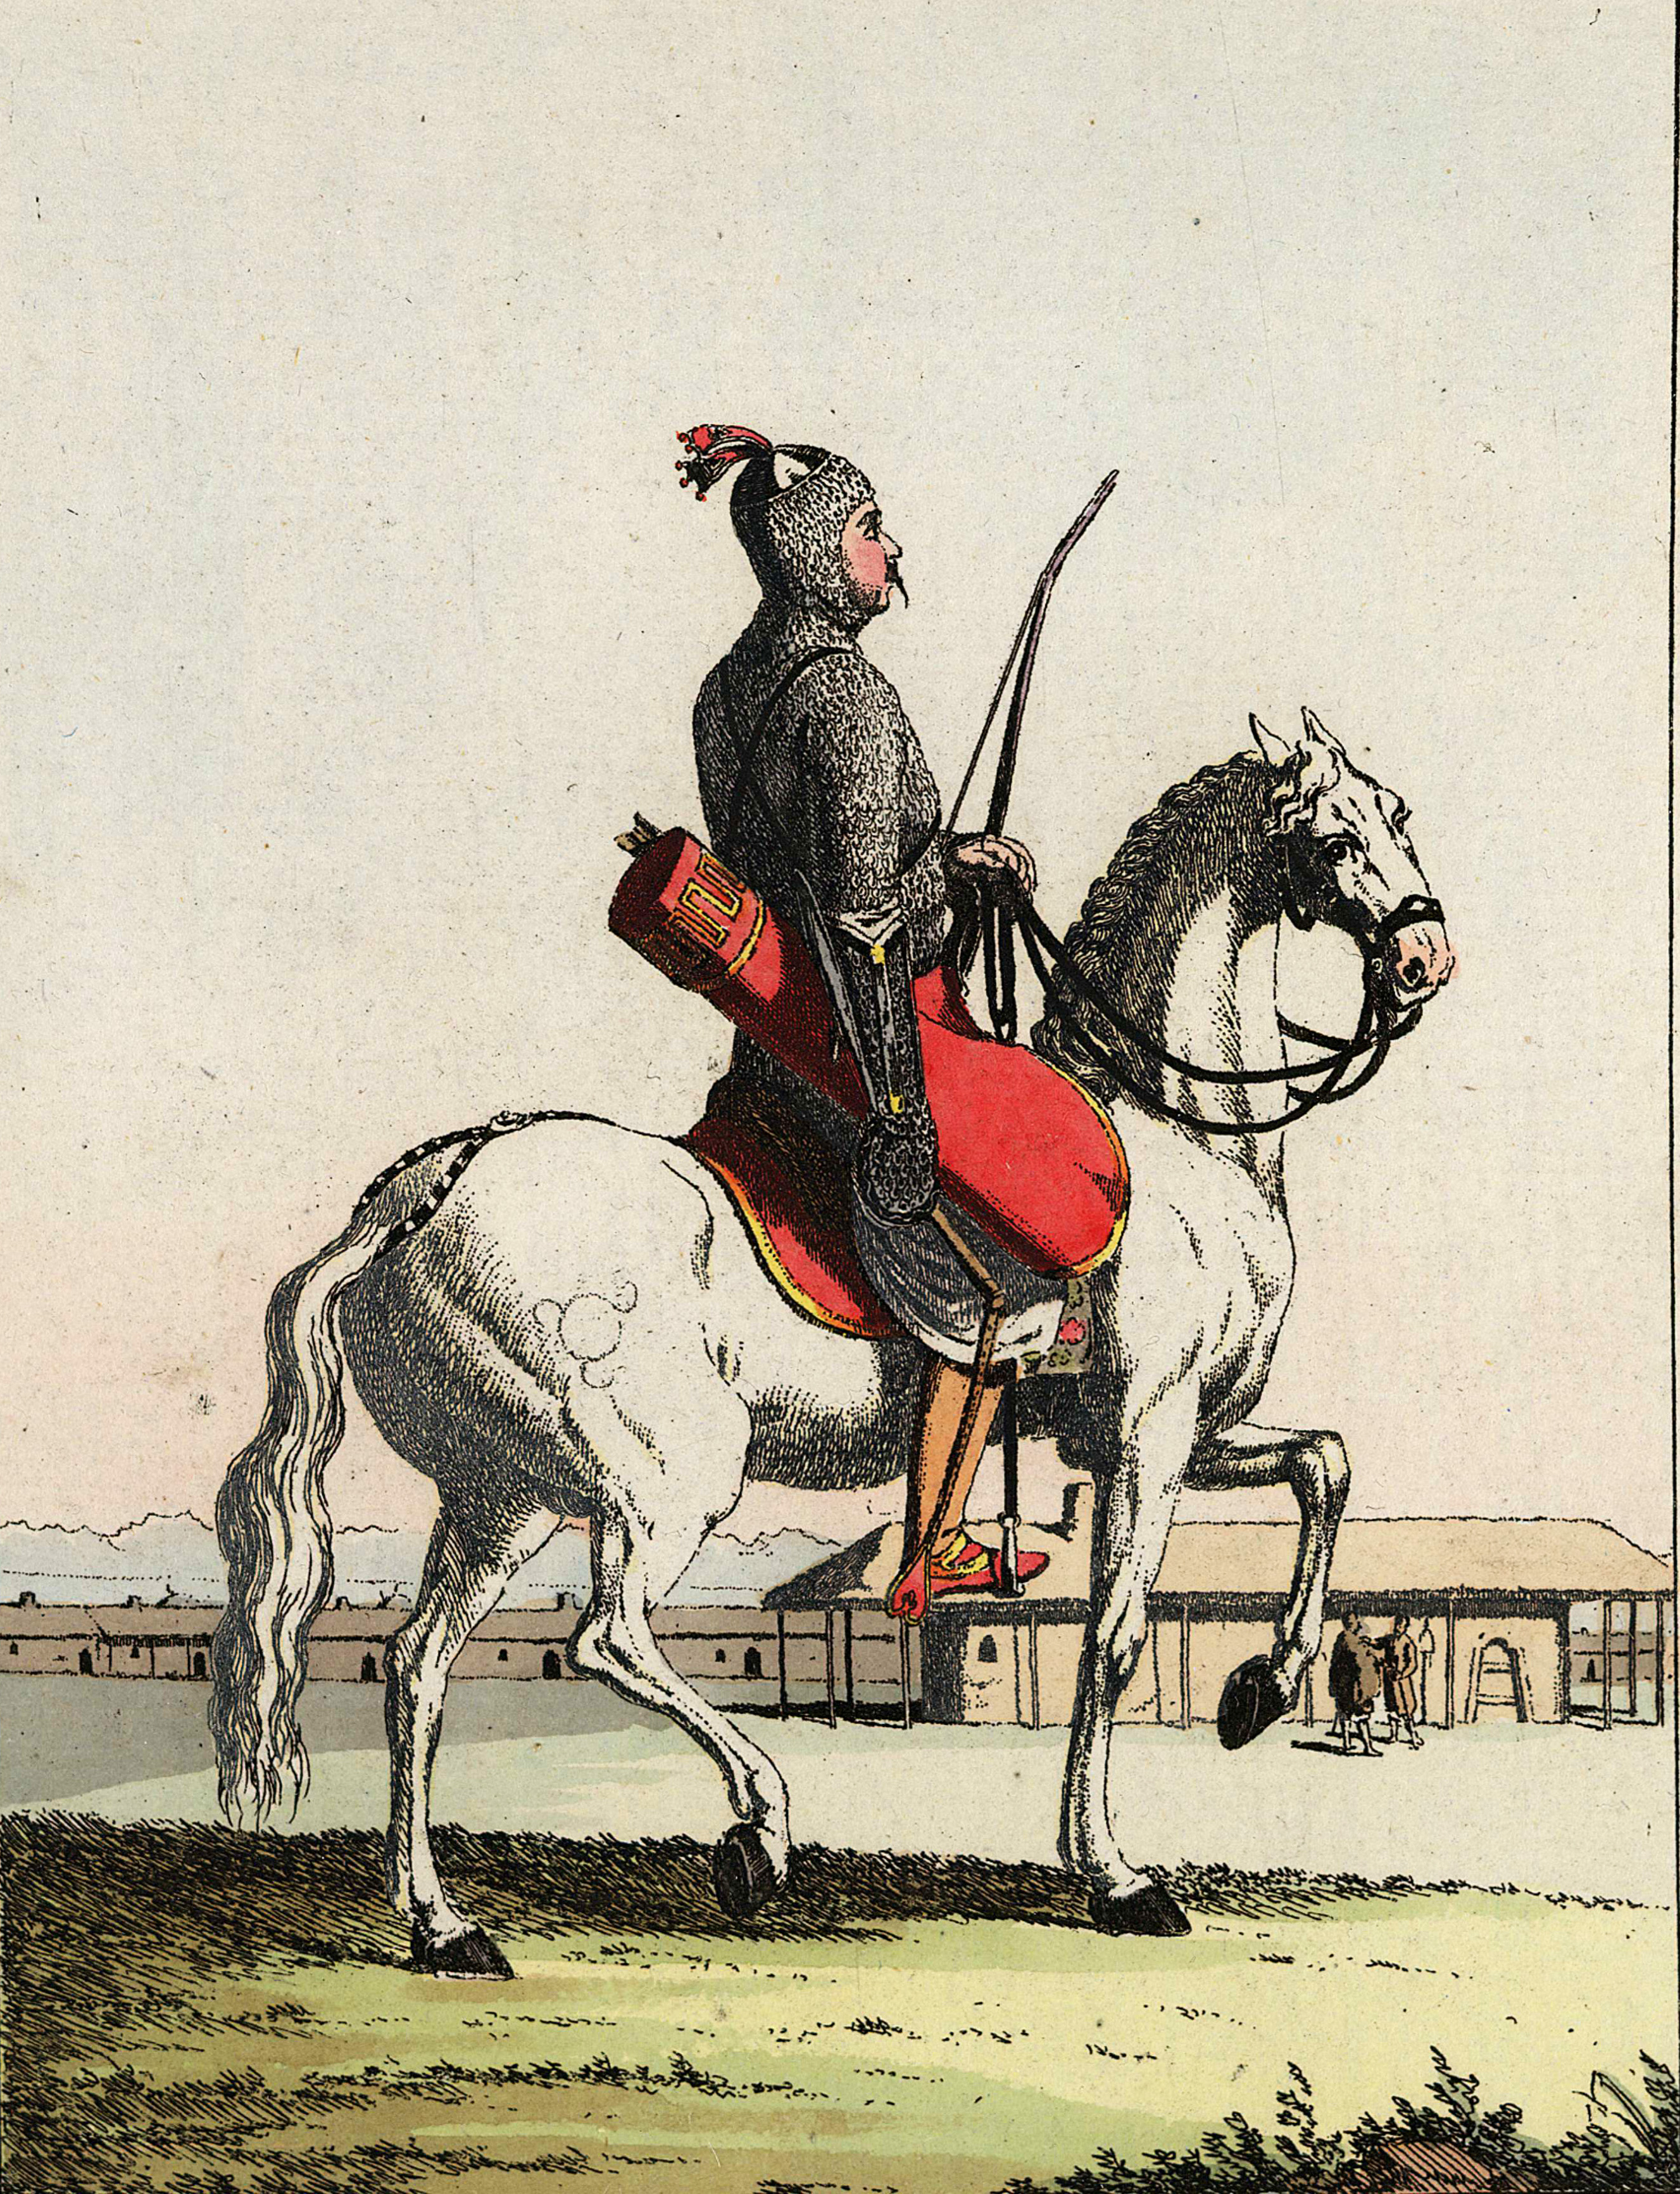 20. Черкесский воин знатного происхождения в полном обмундировании, в кольчуге с колчаном стрел и луком, гарцующий на лошади.